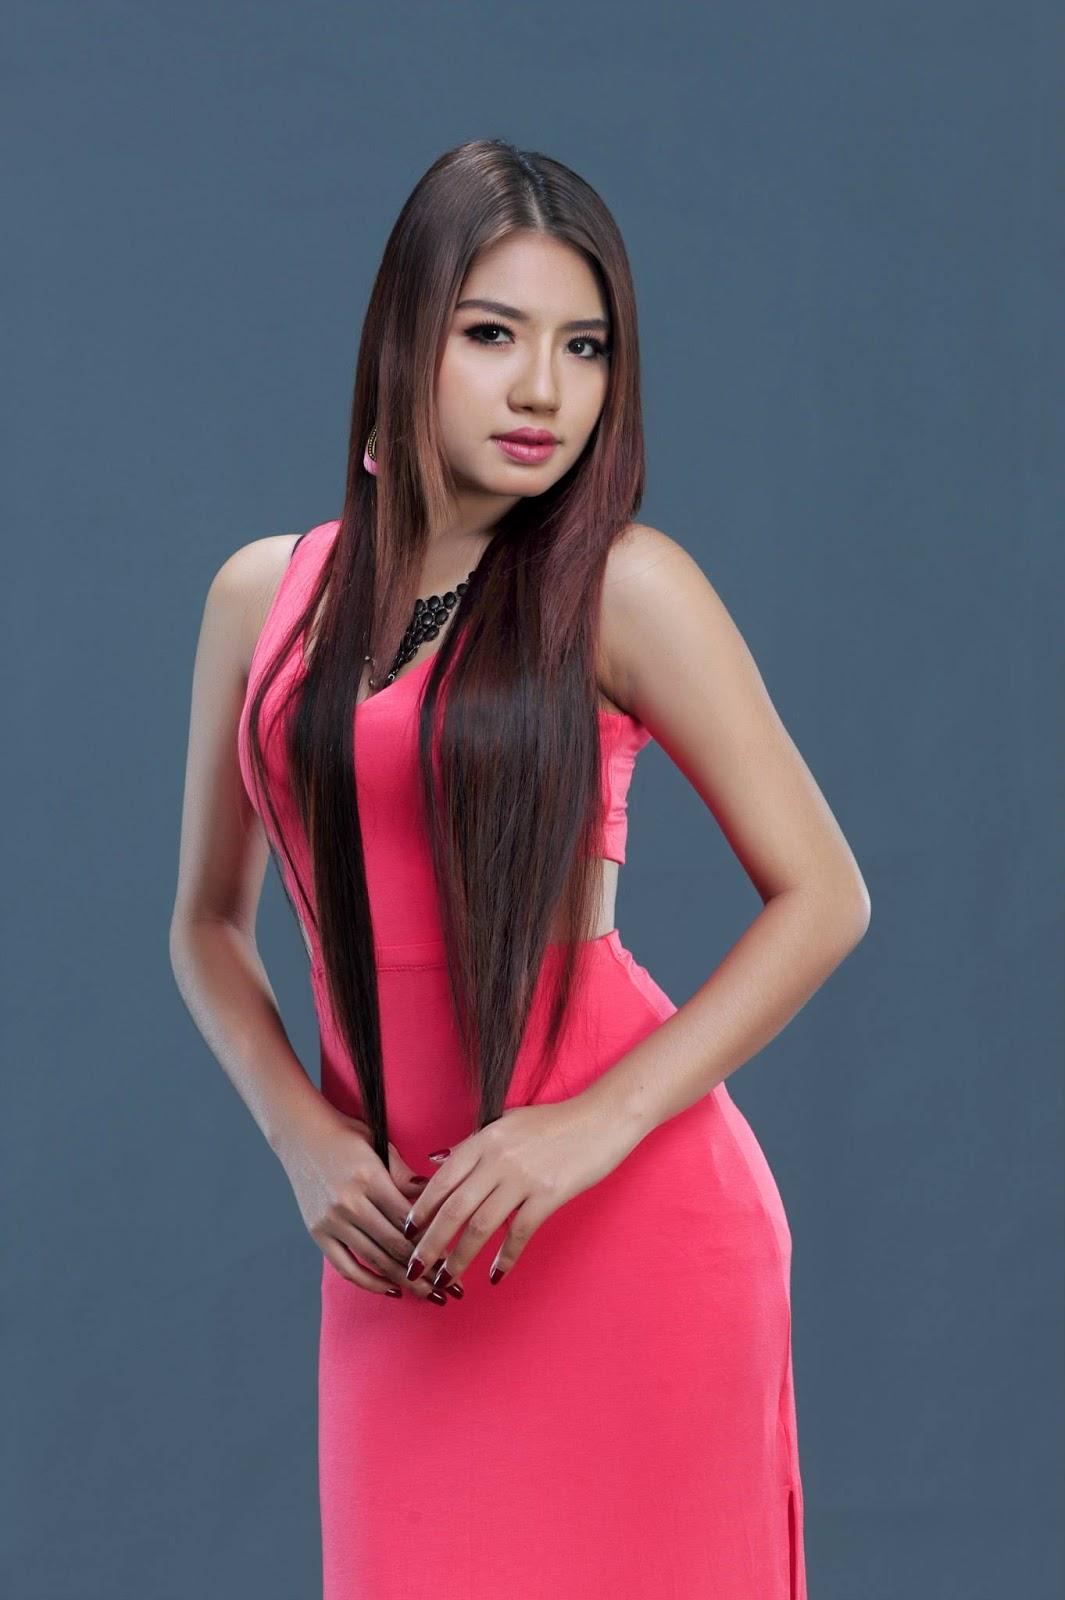 hottie model baby mg in pinky long dress